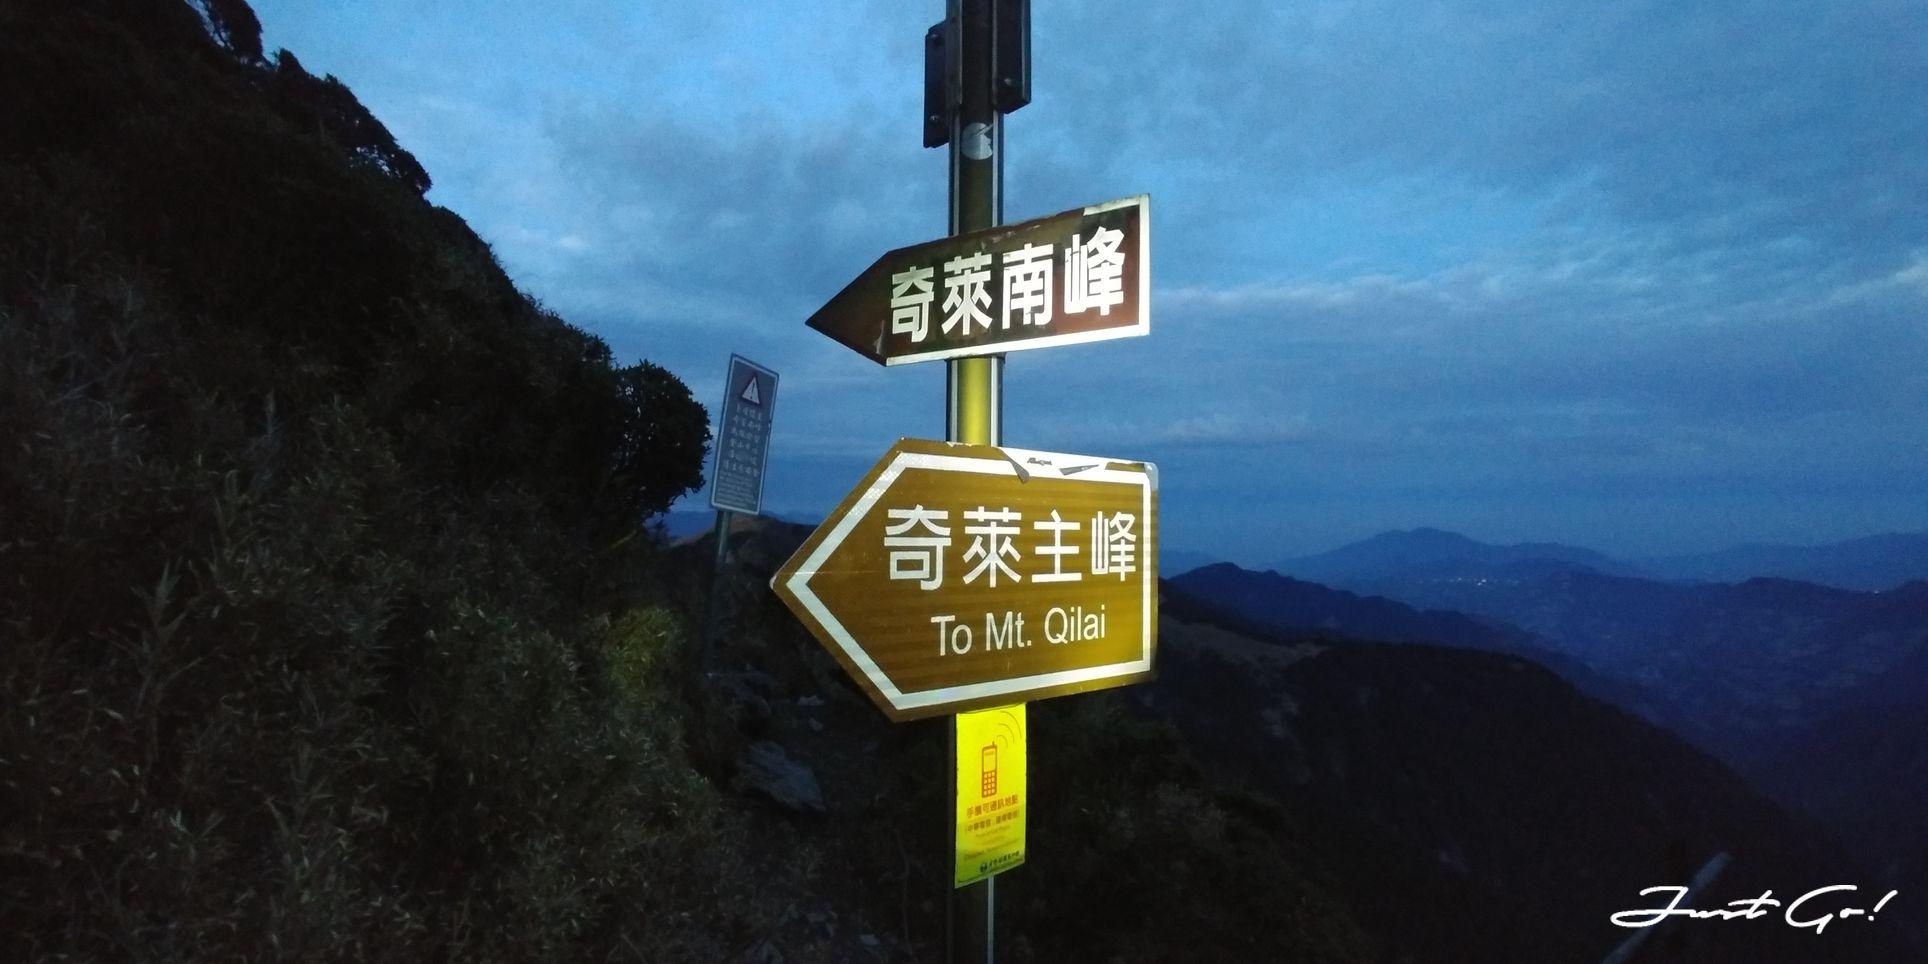 台灣 - 黃金色的奇萊主北·2天1夜紀事-gpx路線、行程、申請、水源44